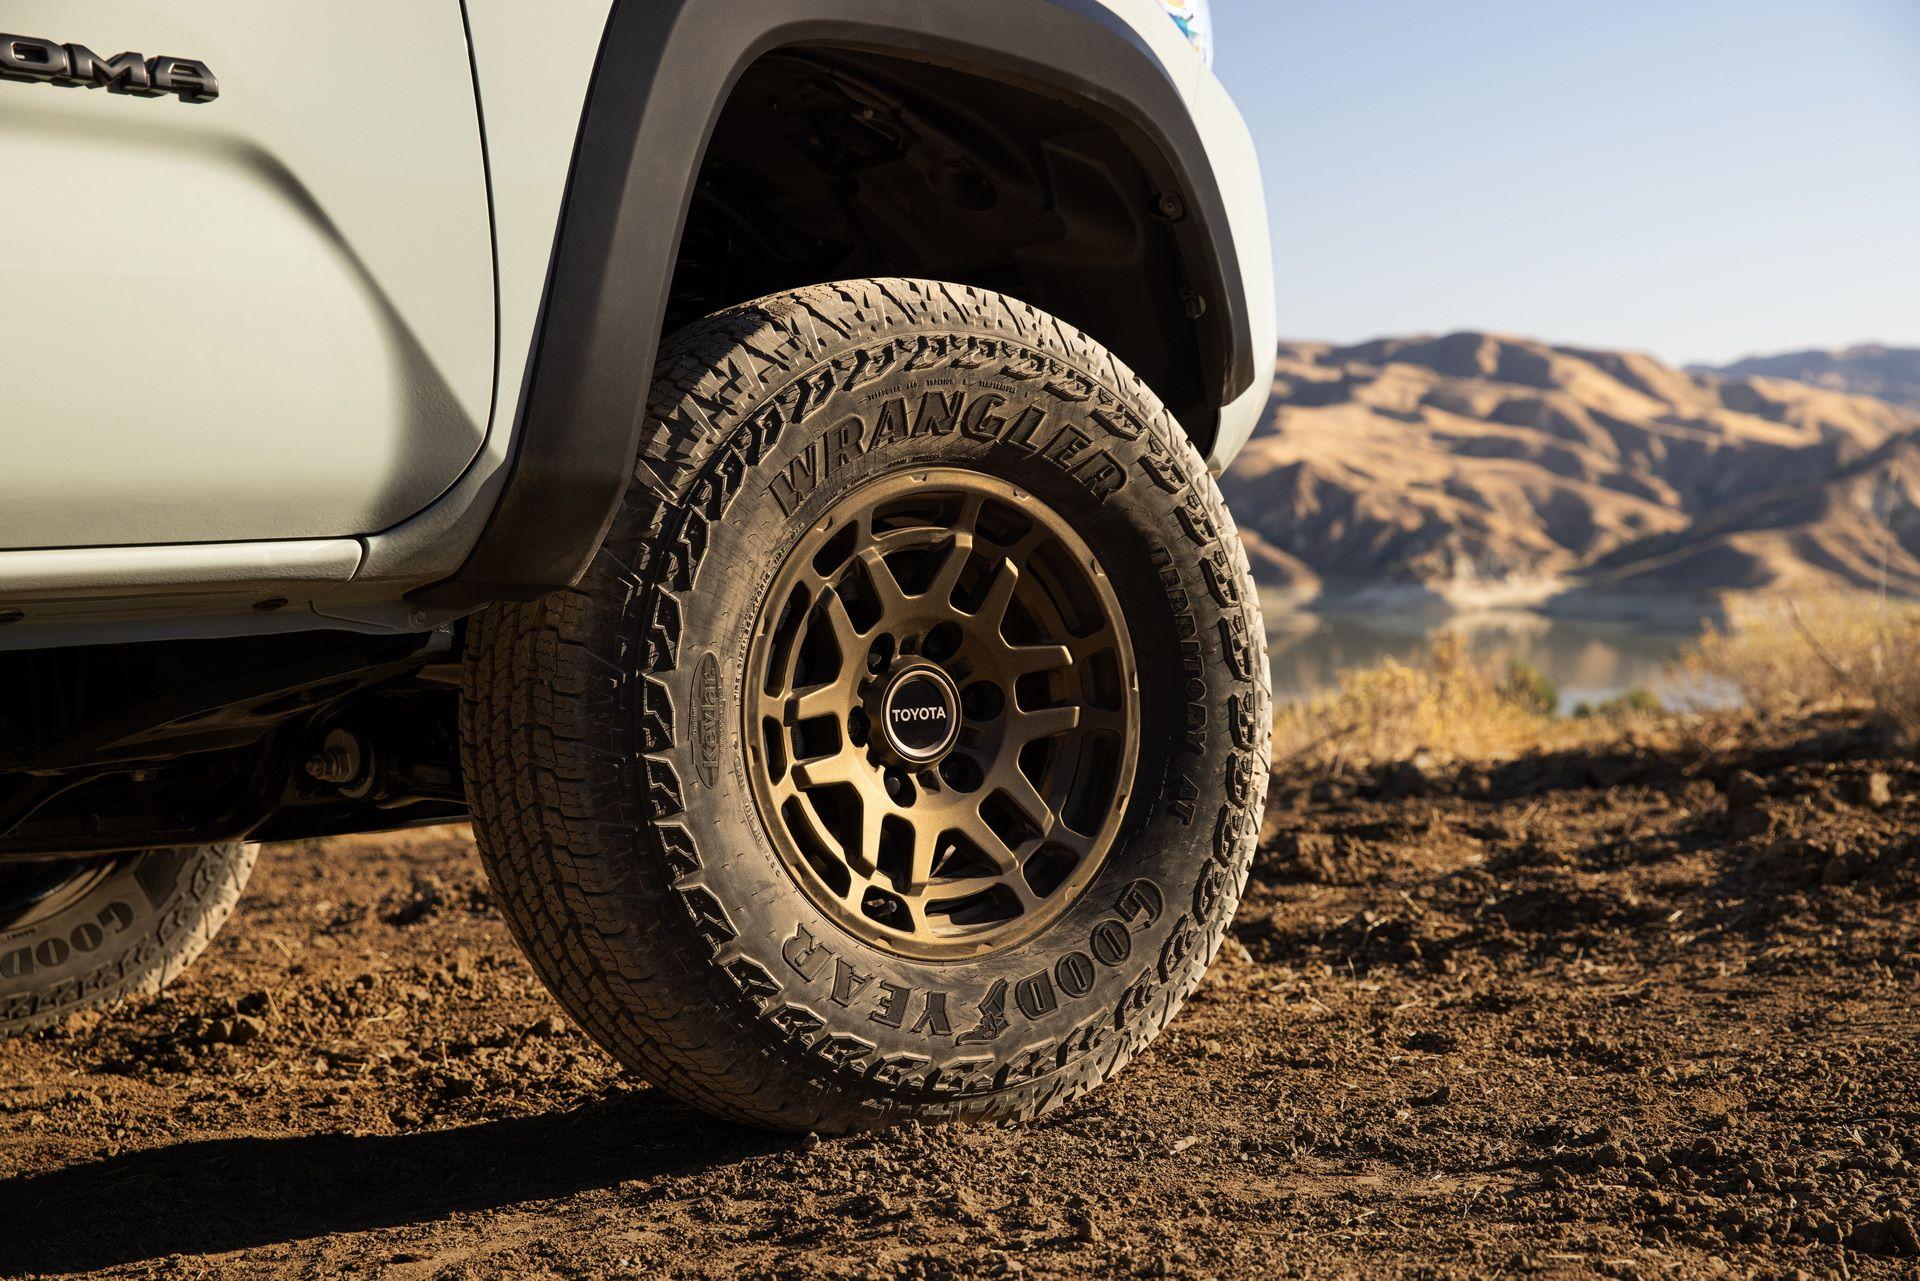 Toyota-Tacoma-TRD-Pro-and-Tacoma-Trail-Edition-3